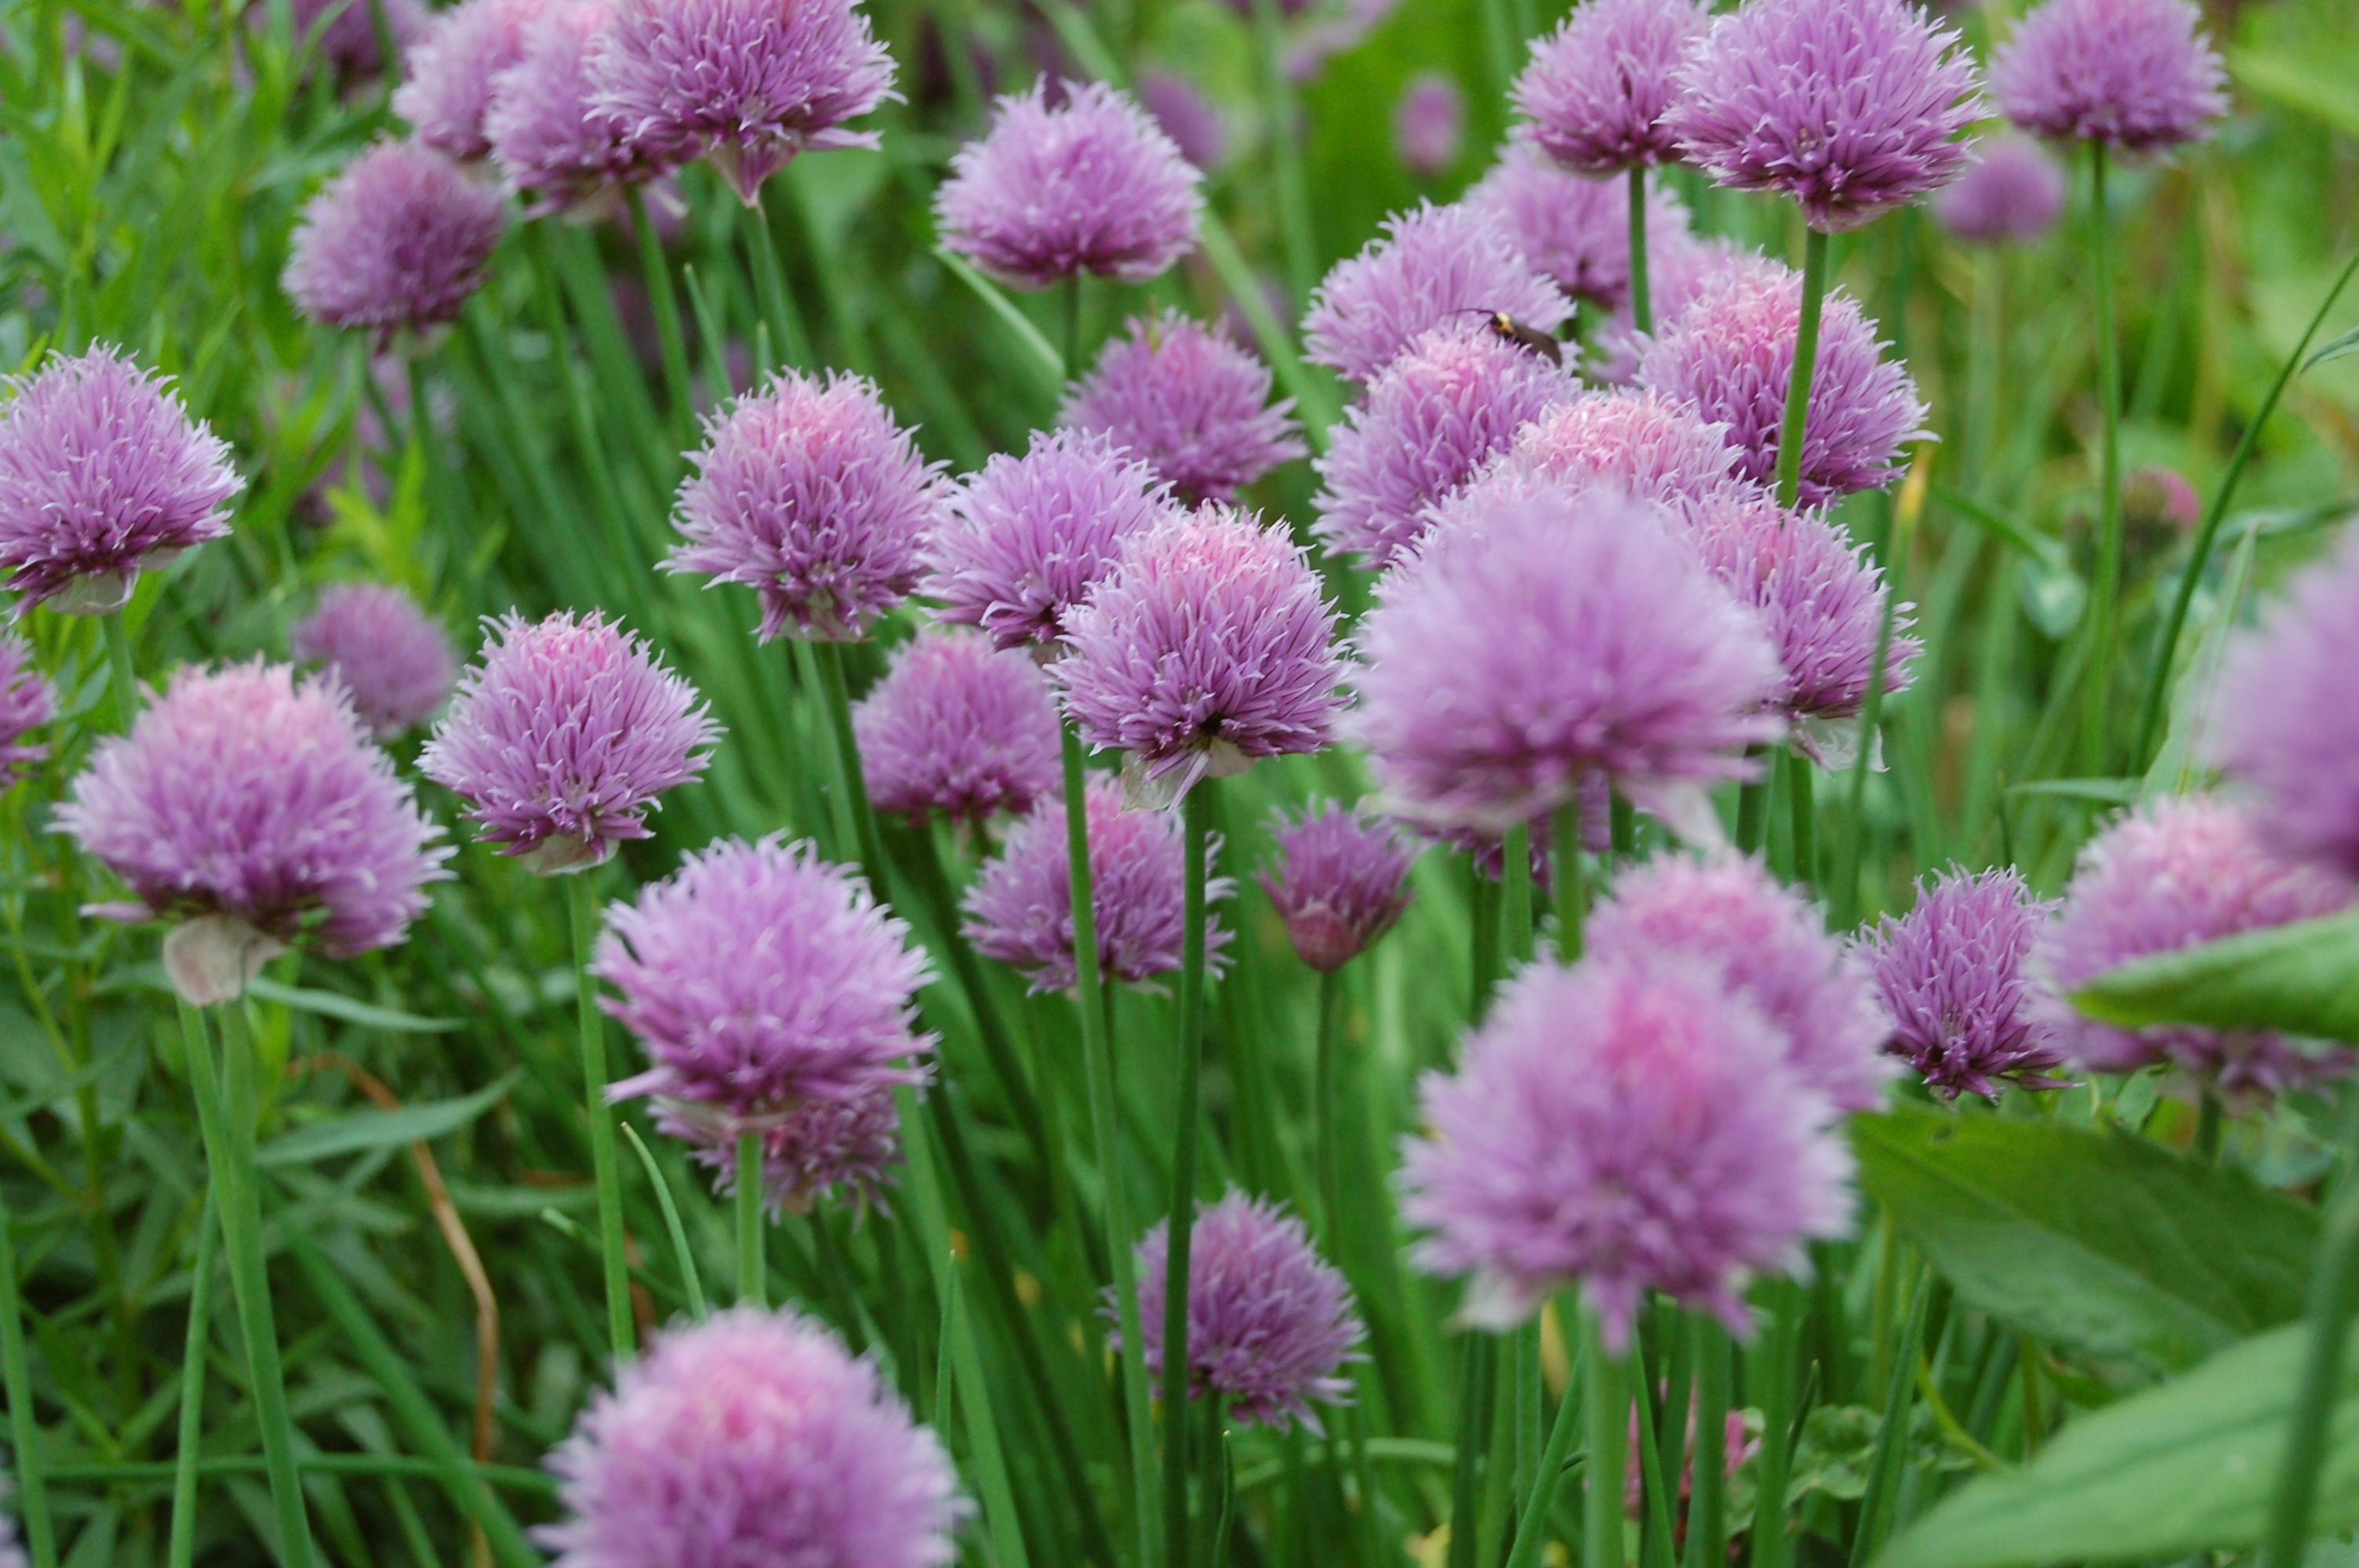 Fiori Erba Cipollina.Erba Cipollina Aglio Selvatico Allium Schoenoprasum Allium